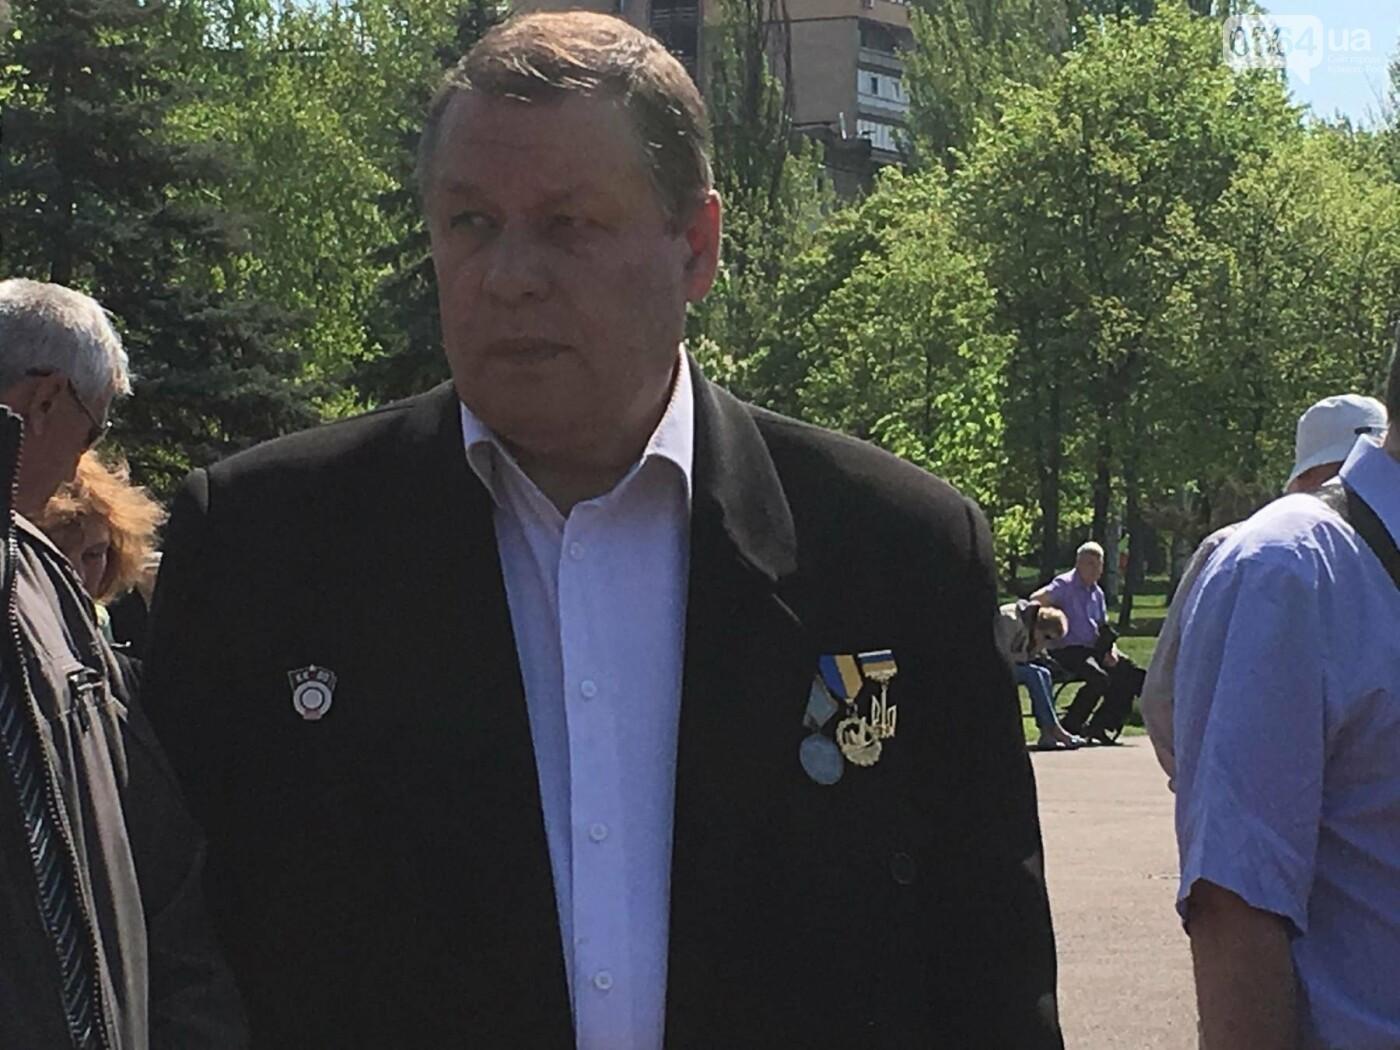 Чернобыльская катастрофа: В Кривом Роге прошел митинг-реквием в память о тех, кто пожертвовал собой во имя спасения сограждан (ФОТО, ВИДЕО), фото-8